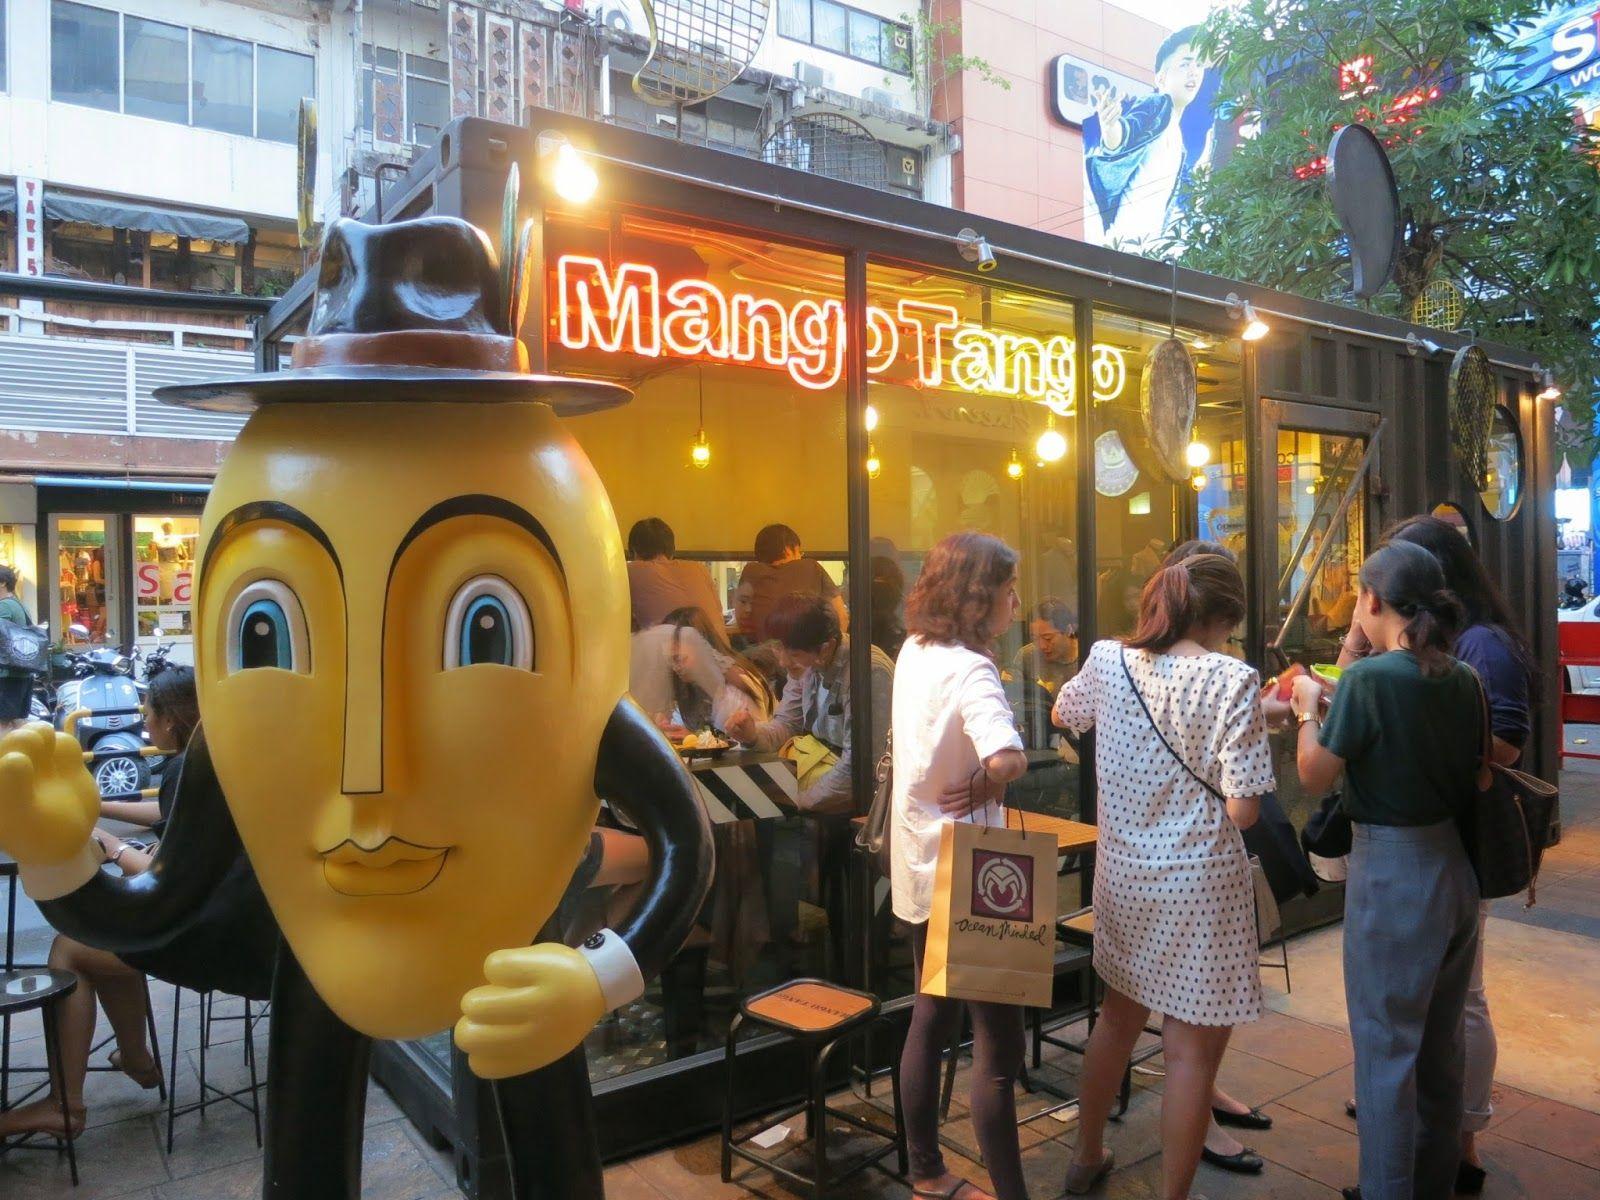 Mango tango bangkok broadway shows mang